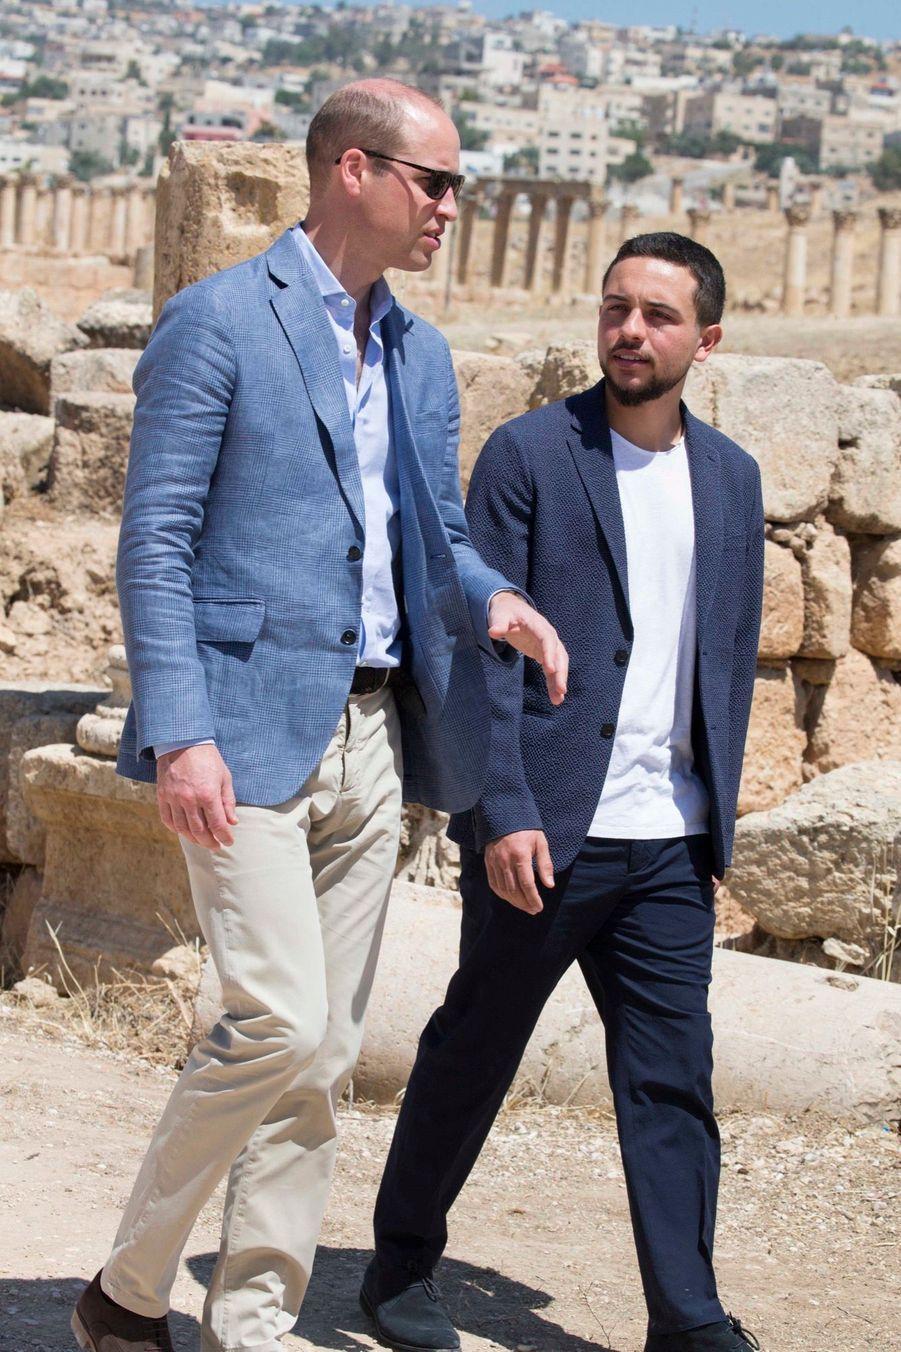 Le Prince William Et Le Prince Hussein De Jordanie En Visite Sur Le Site Archéologique De Jerash En Jordanie, Le 25 Juin 2018 ( 9